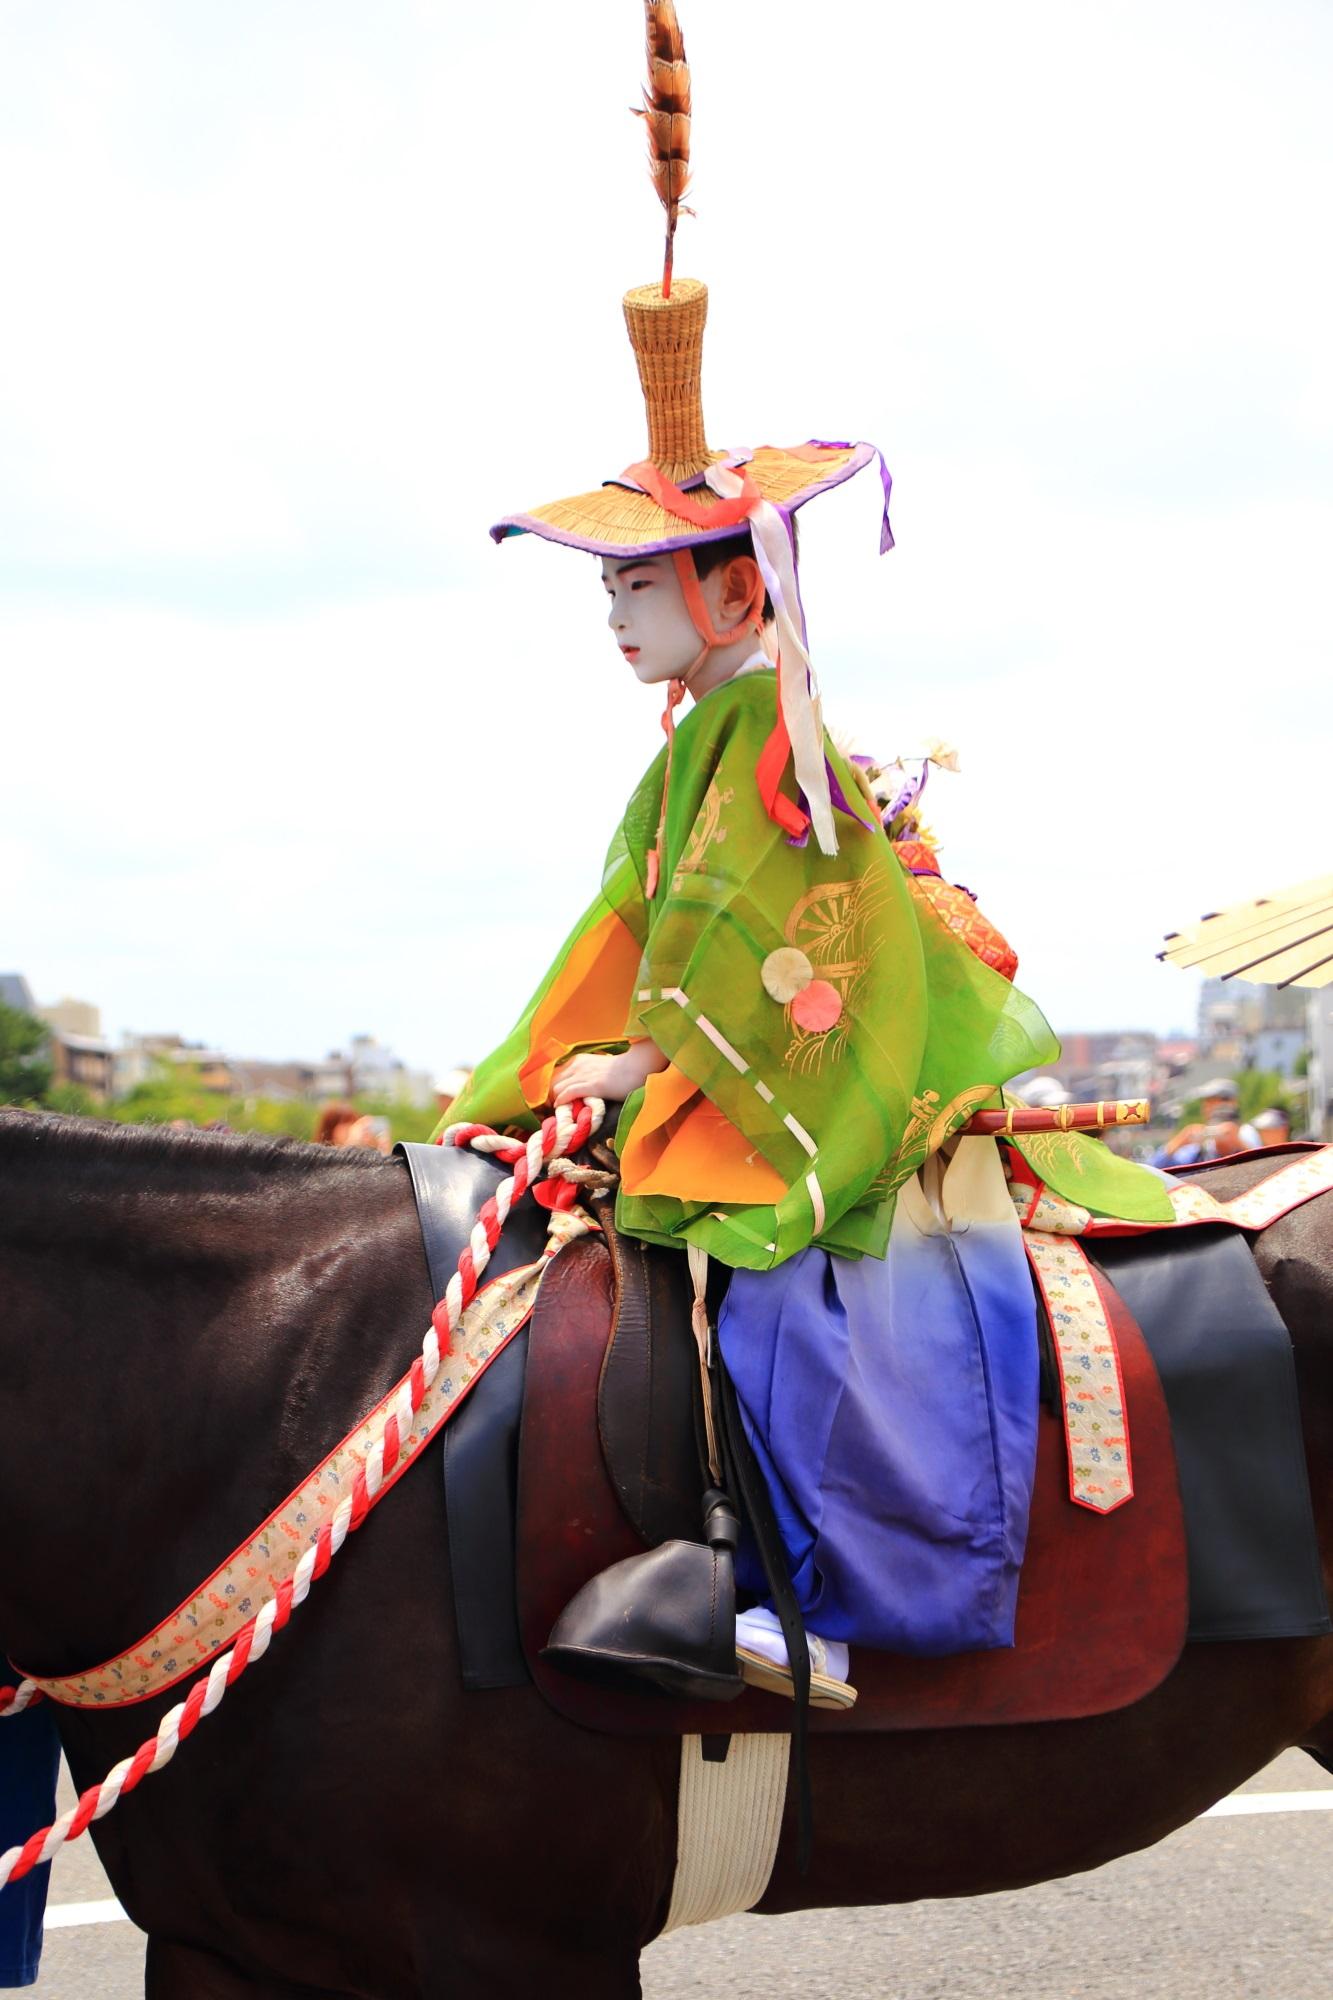 夏の風物詩の祇園祭の花傘巡行の馬長稚児